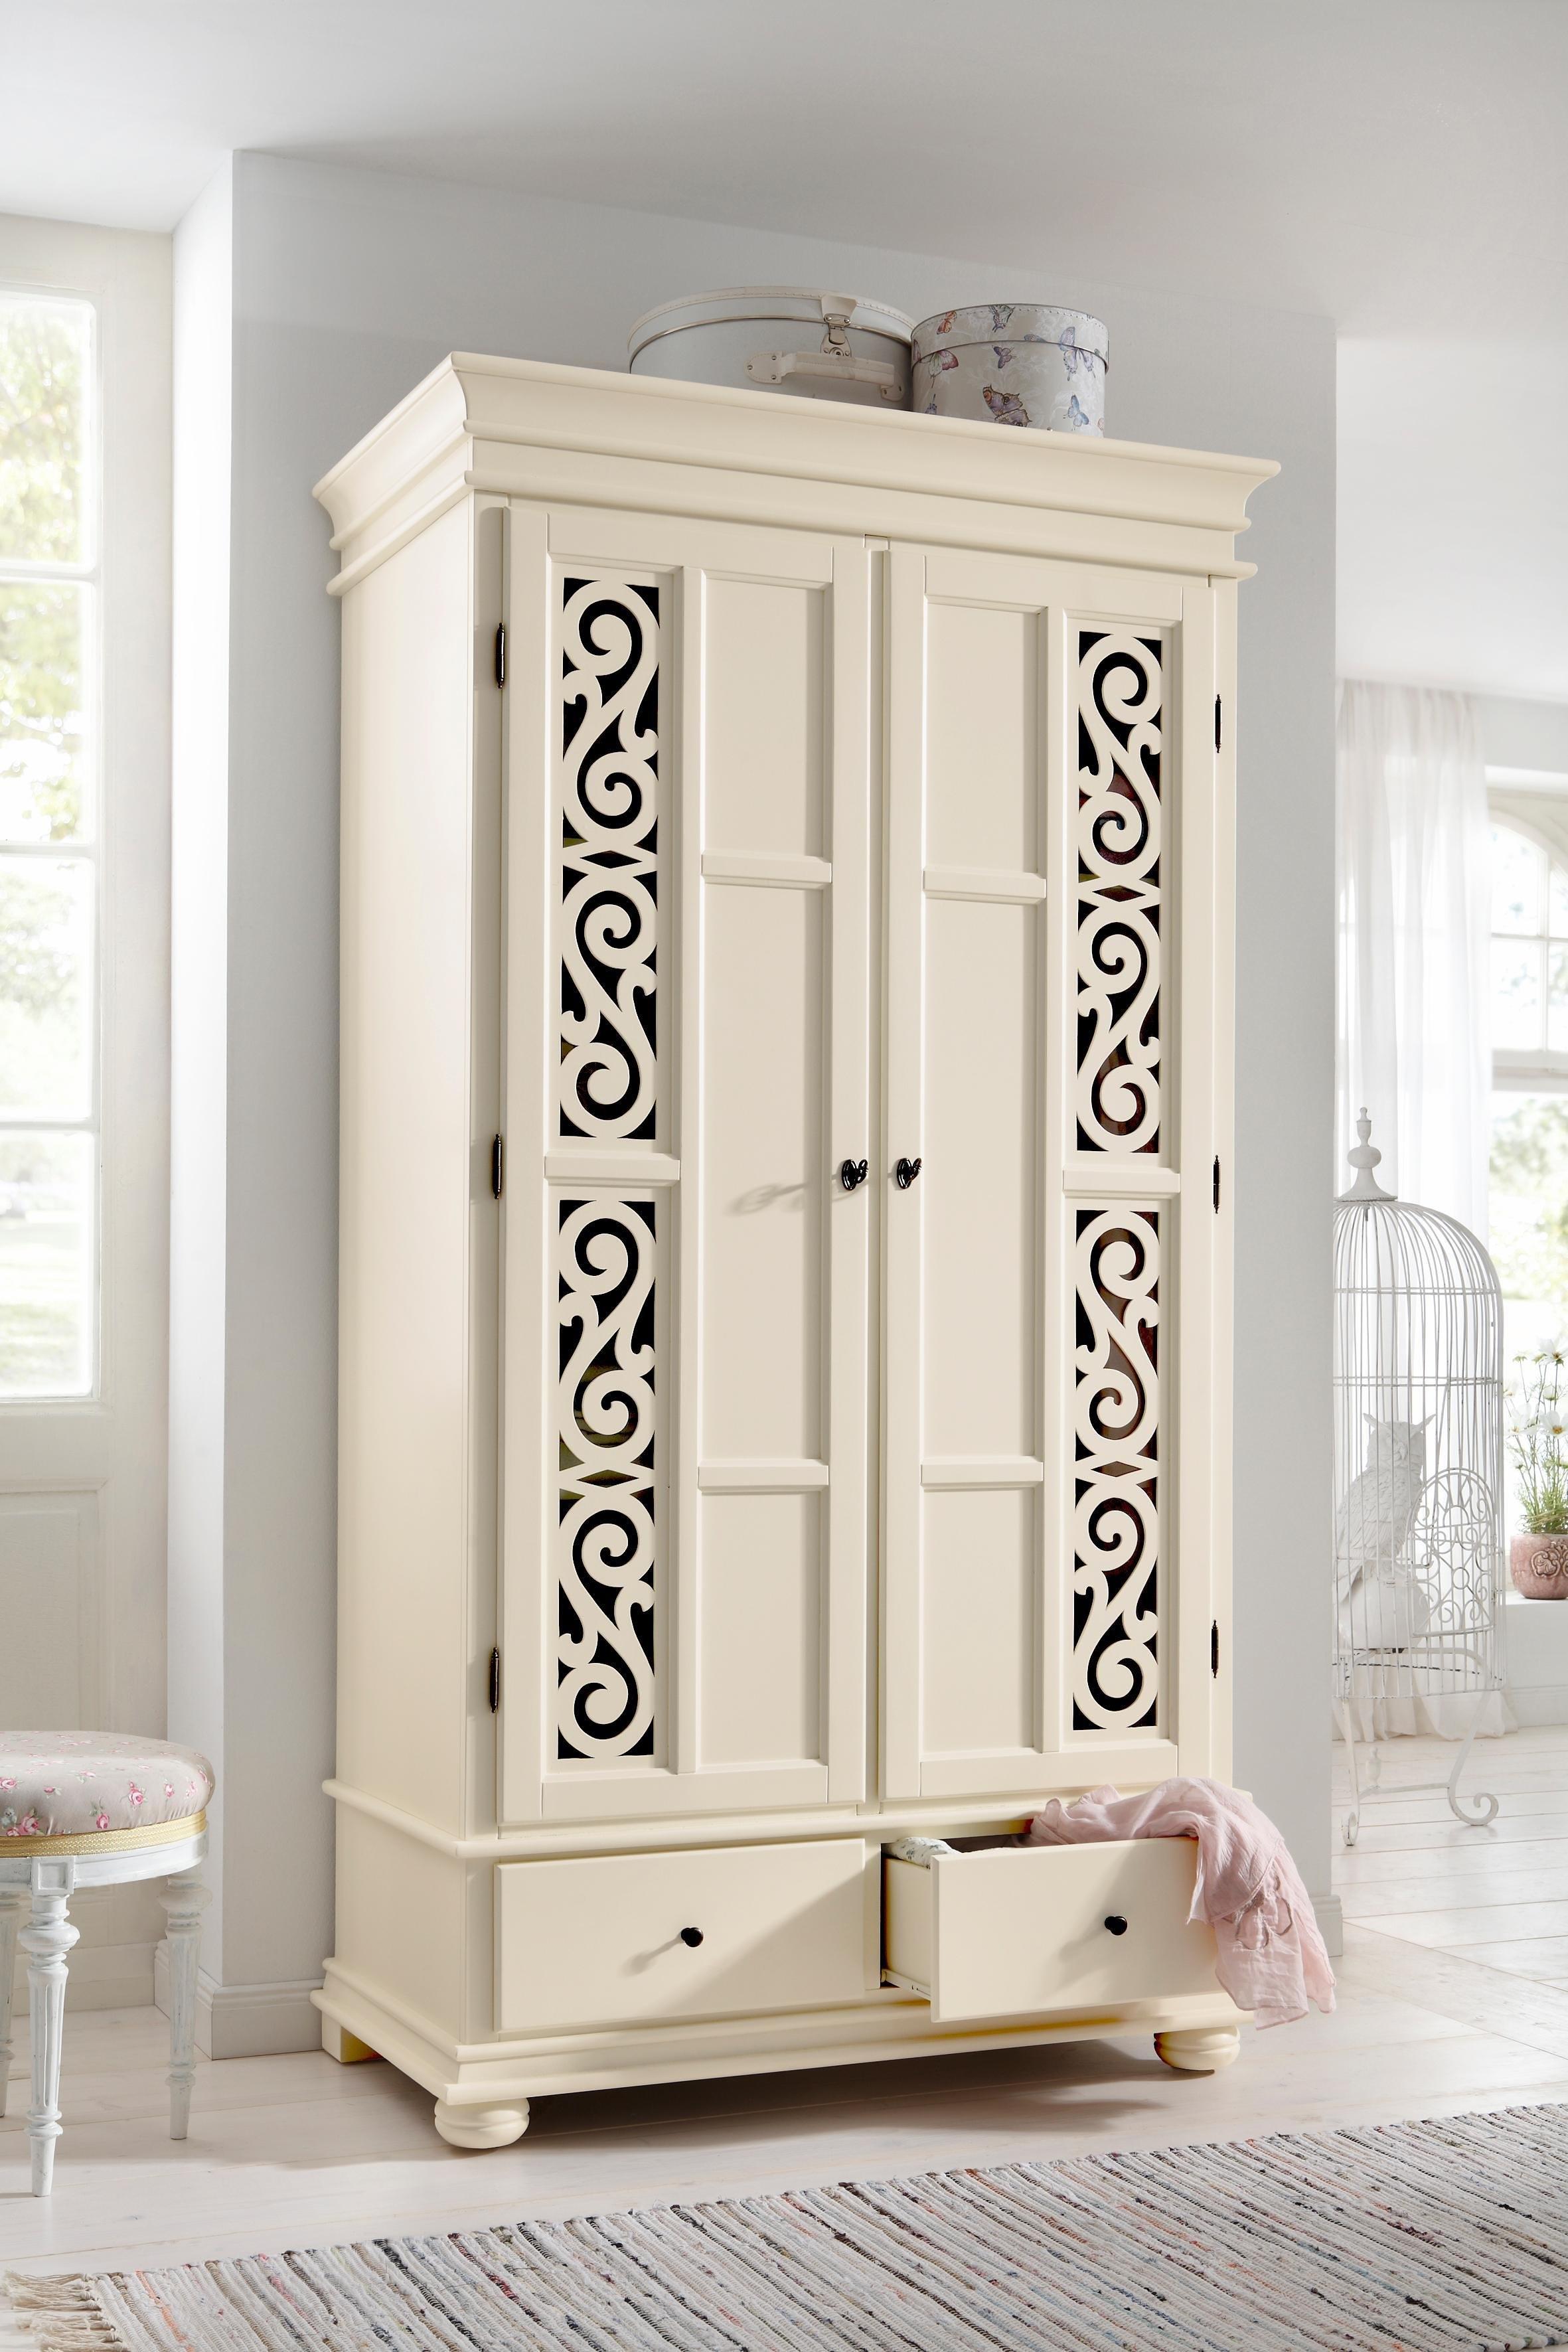 Premium collection by Home affaire Draaideurkast Arabeske van gedeeltelijk massief hout met mooie ornamenten op de deurfronten bij OTTO online kopen